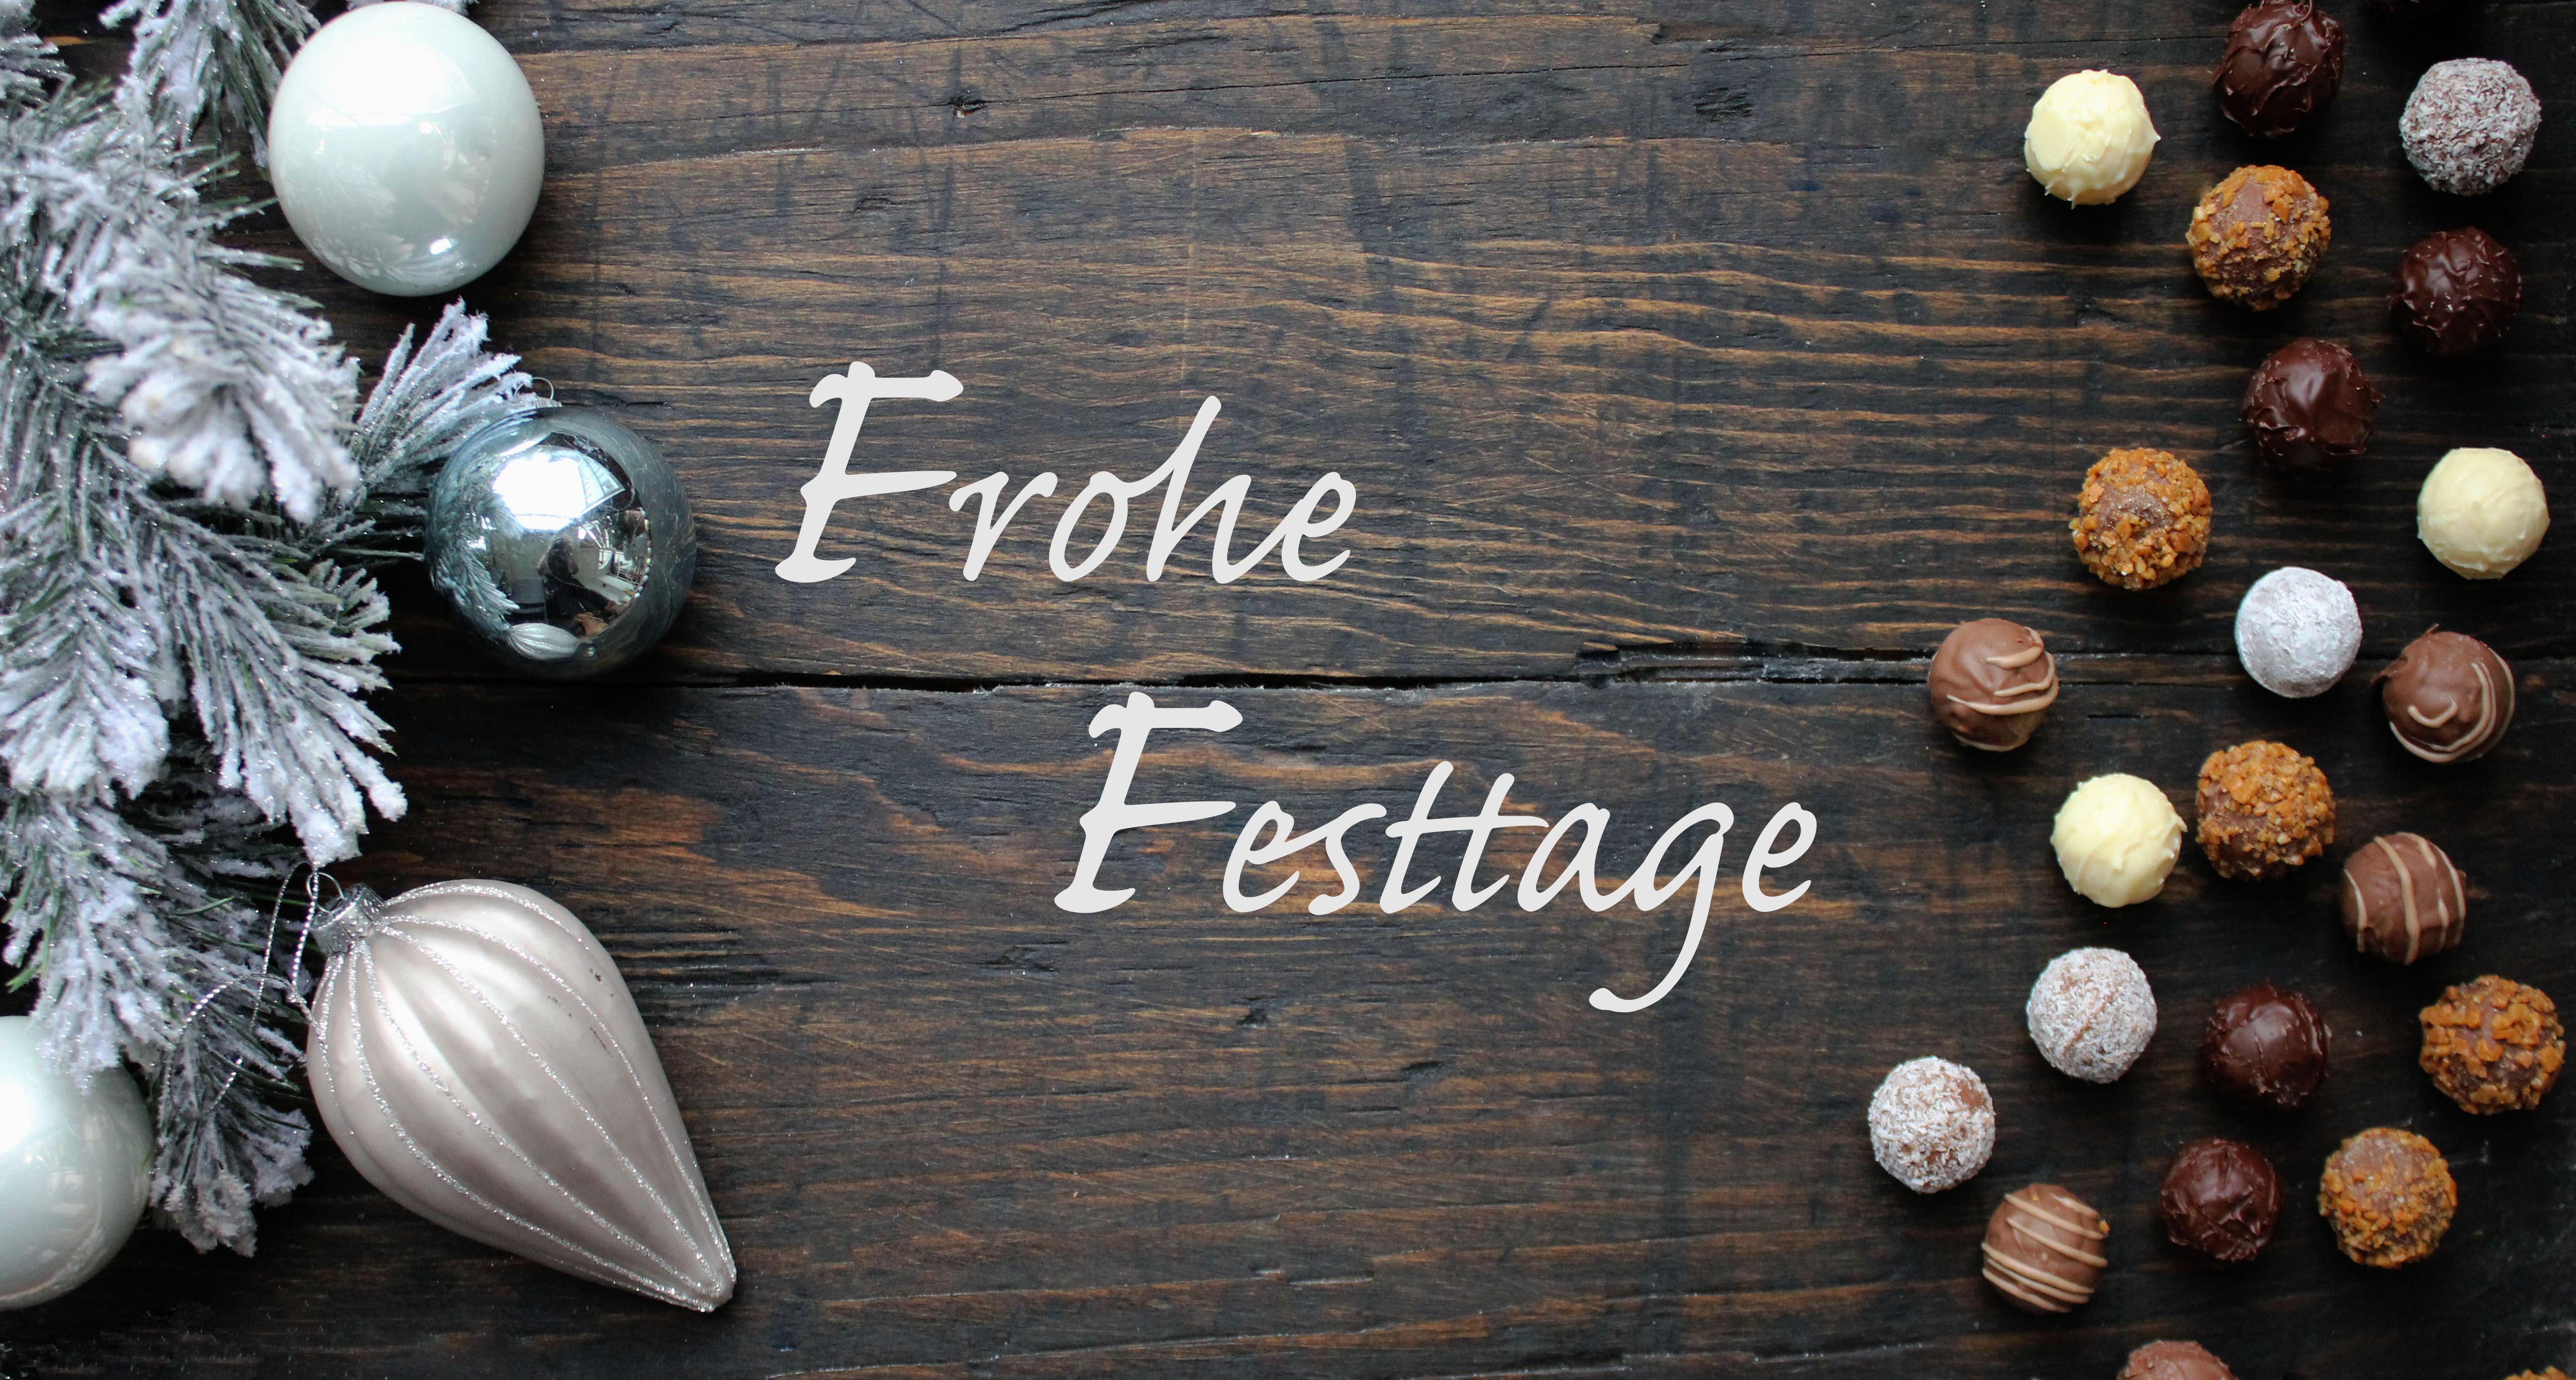 Buergin_Baeckerei_Weihnachten_Frohe_Festtage